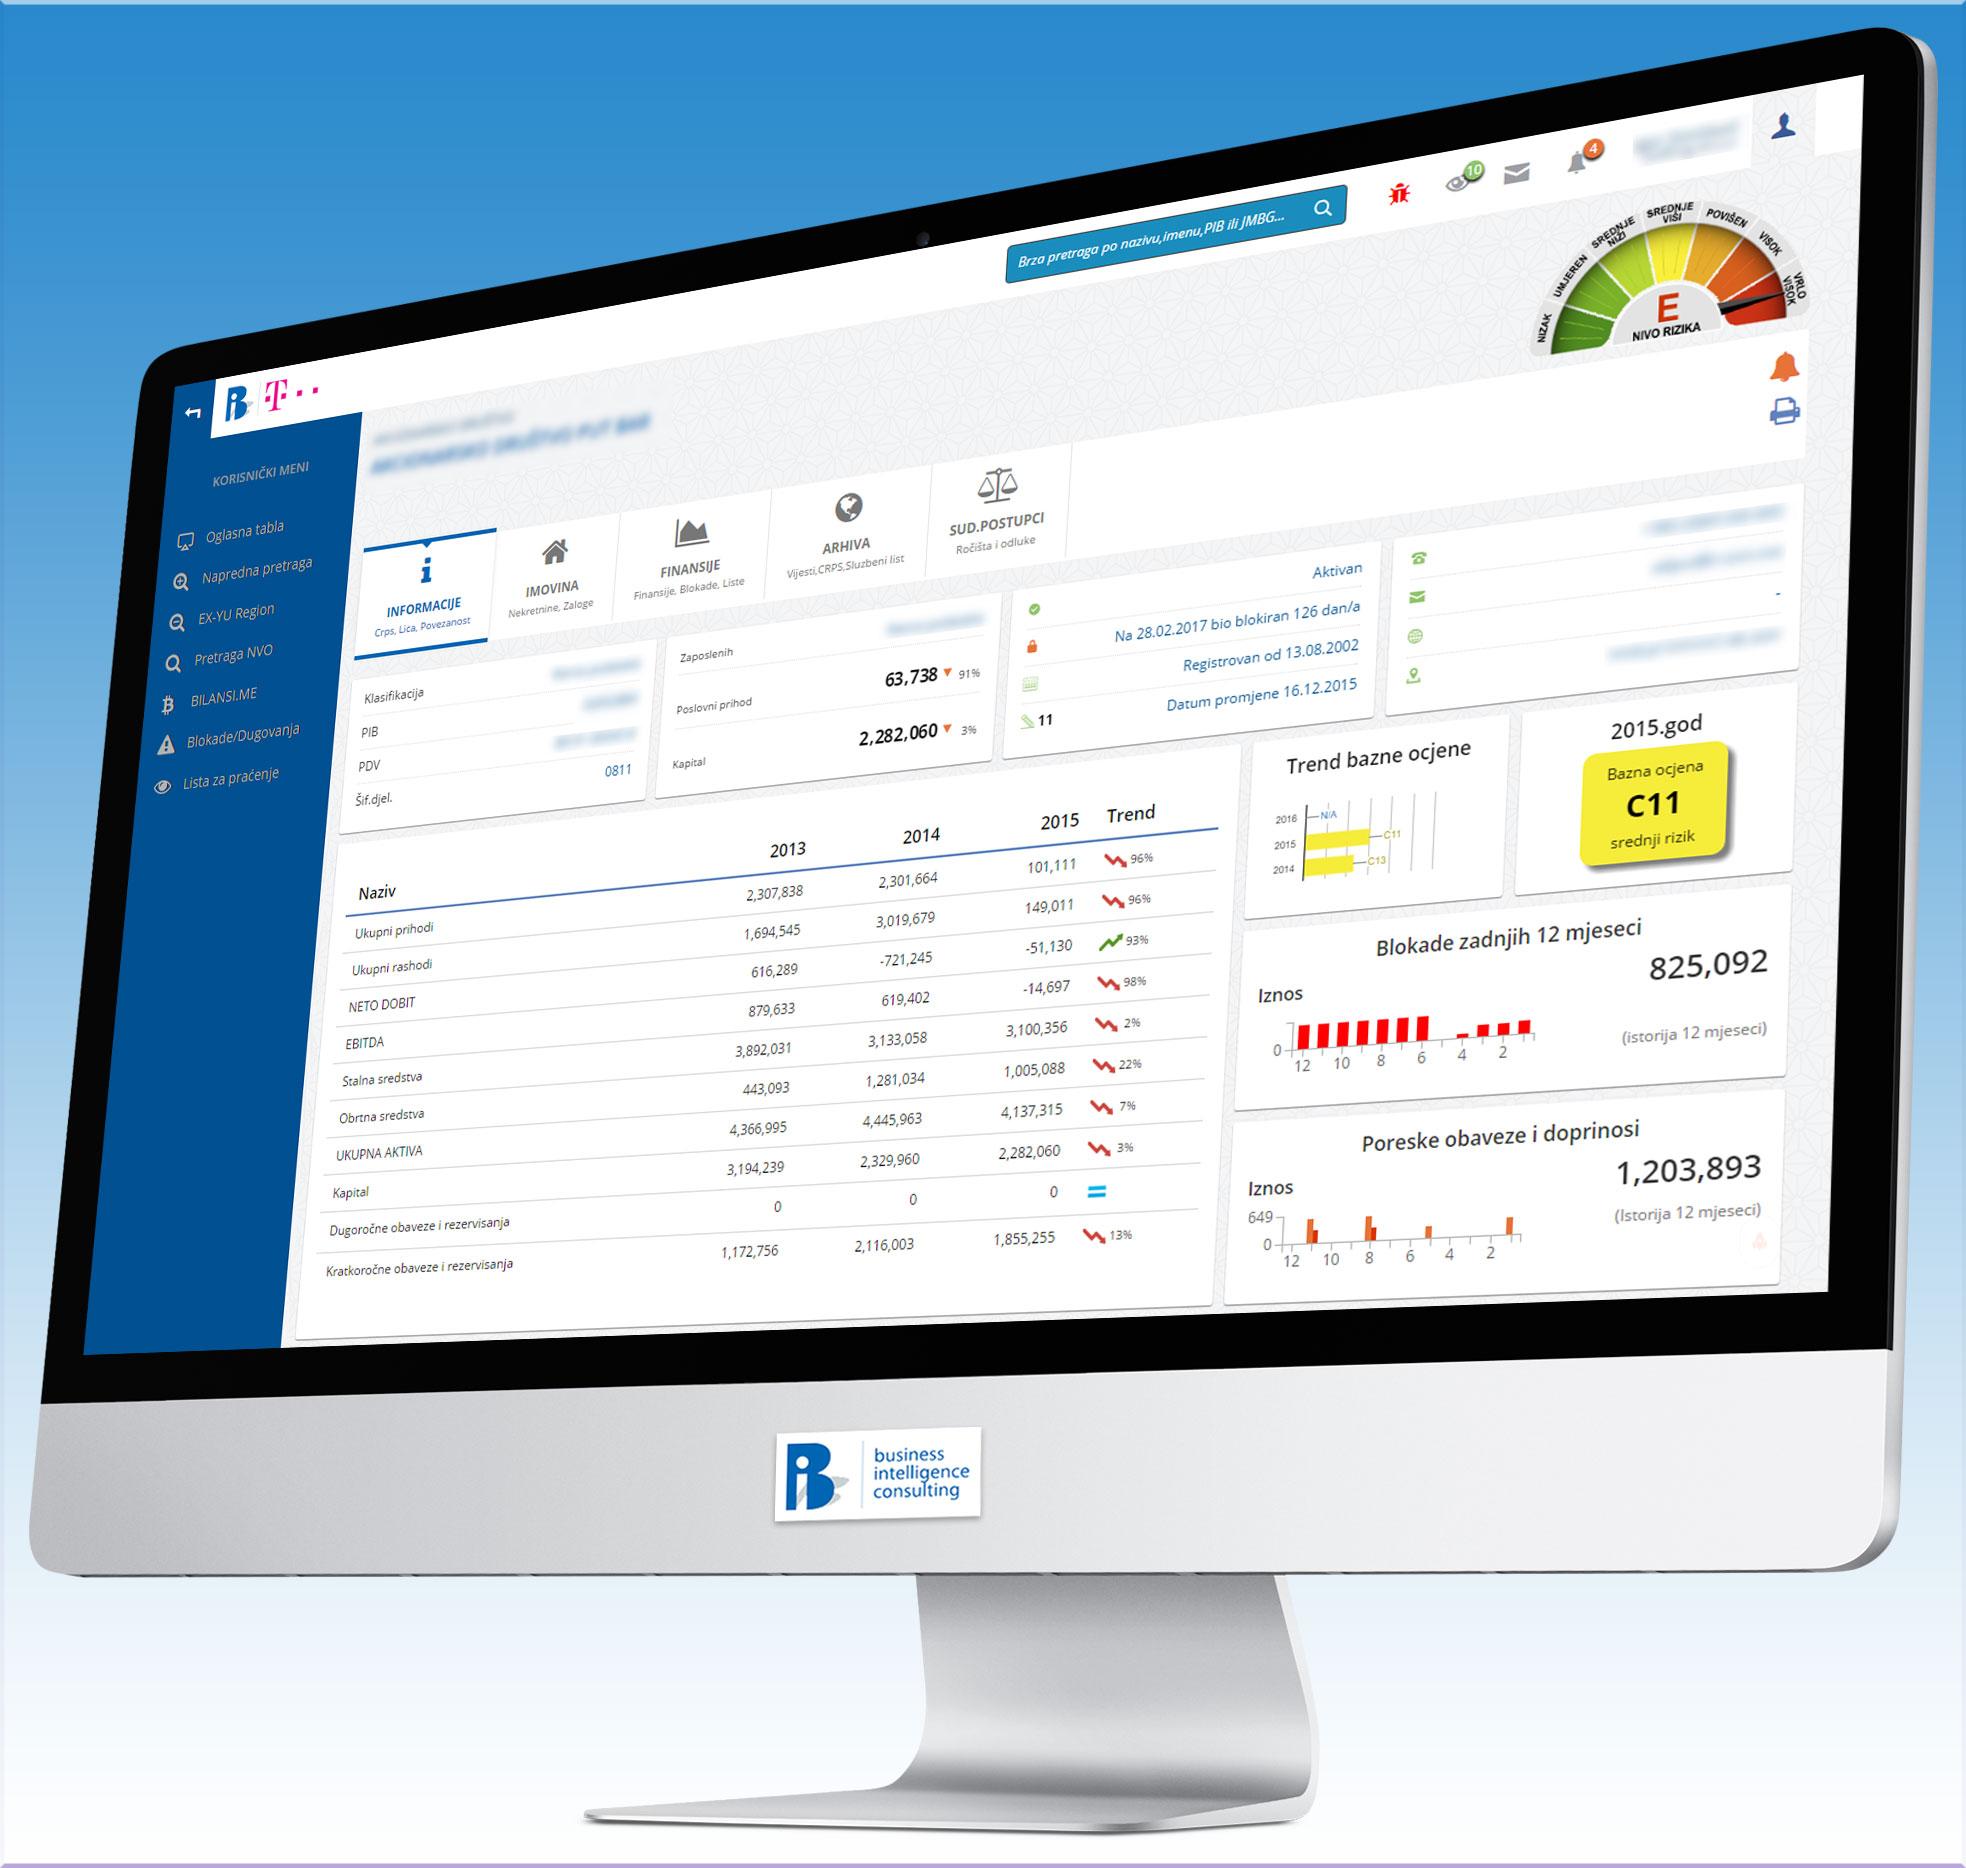 Predstavljen novi dizajn BInfo.me poslovnog portala